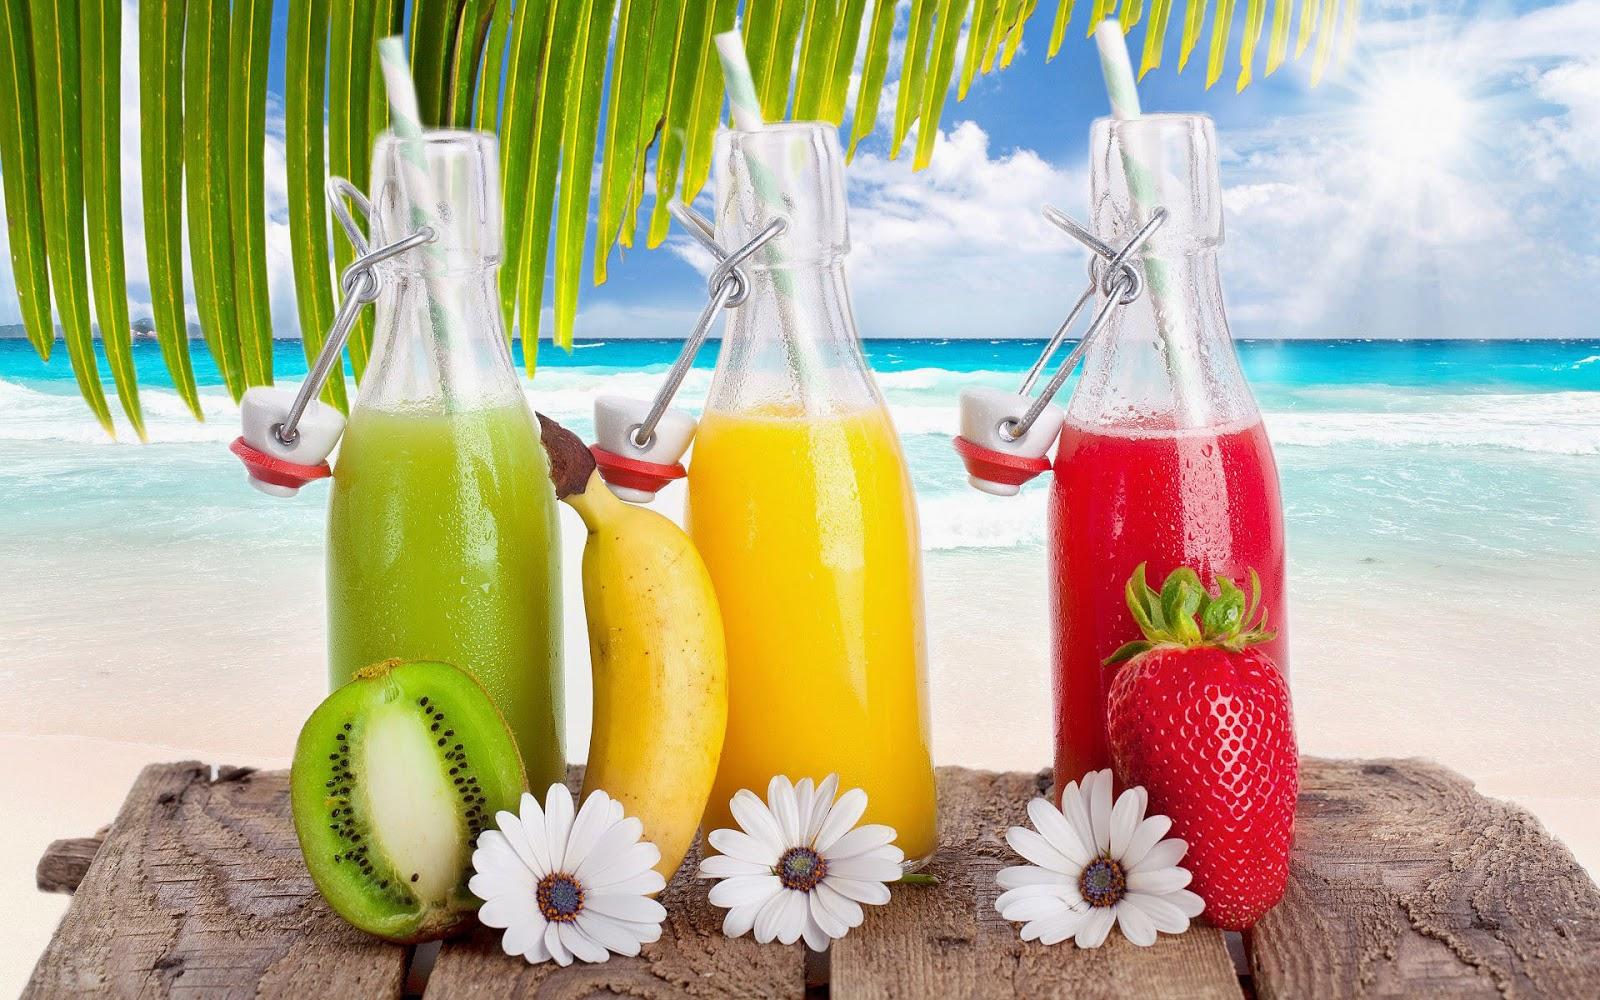 Strand, zee en flessen drinken